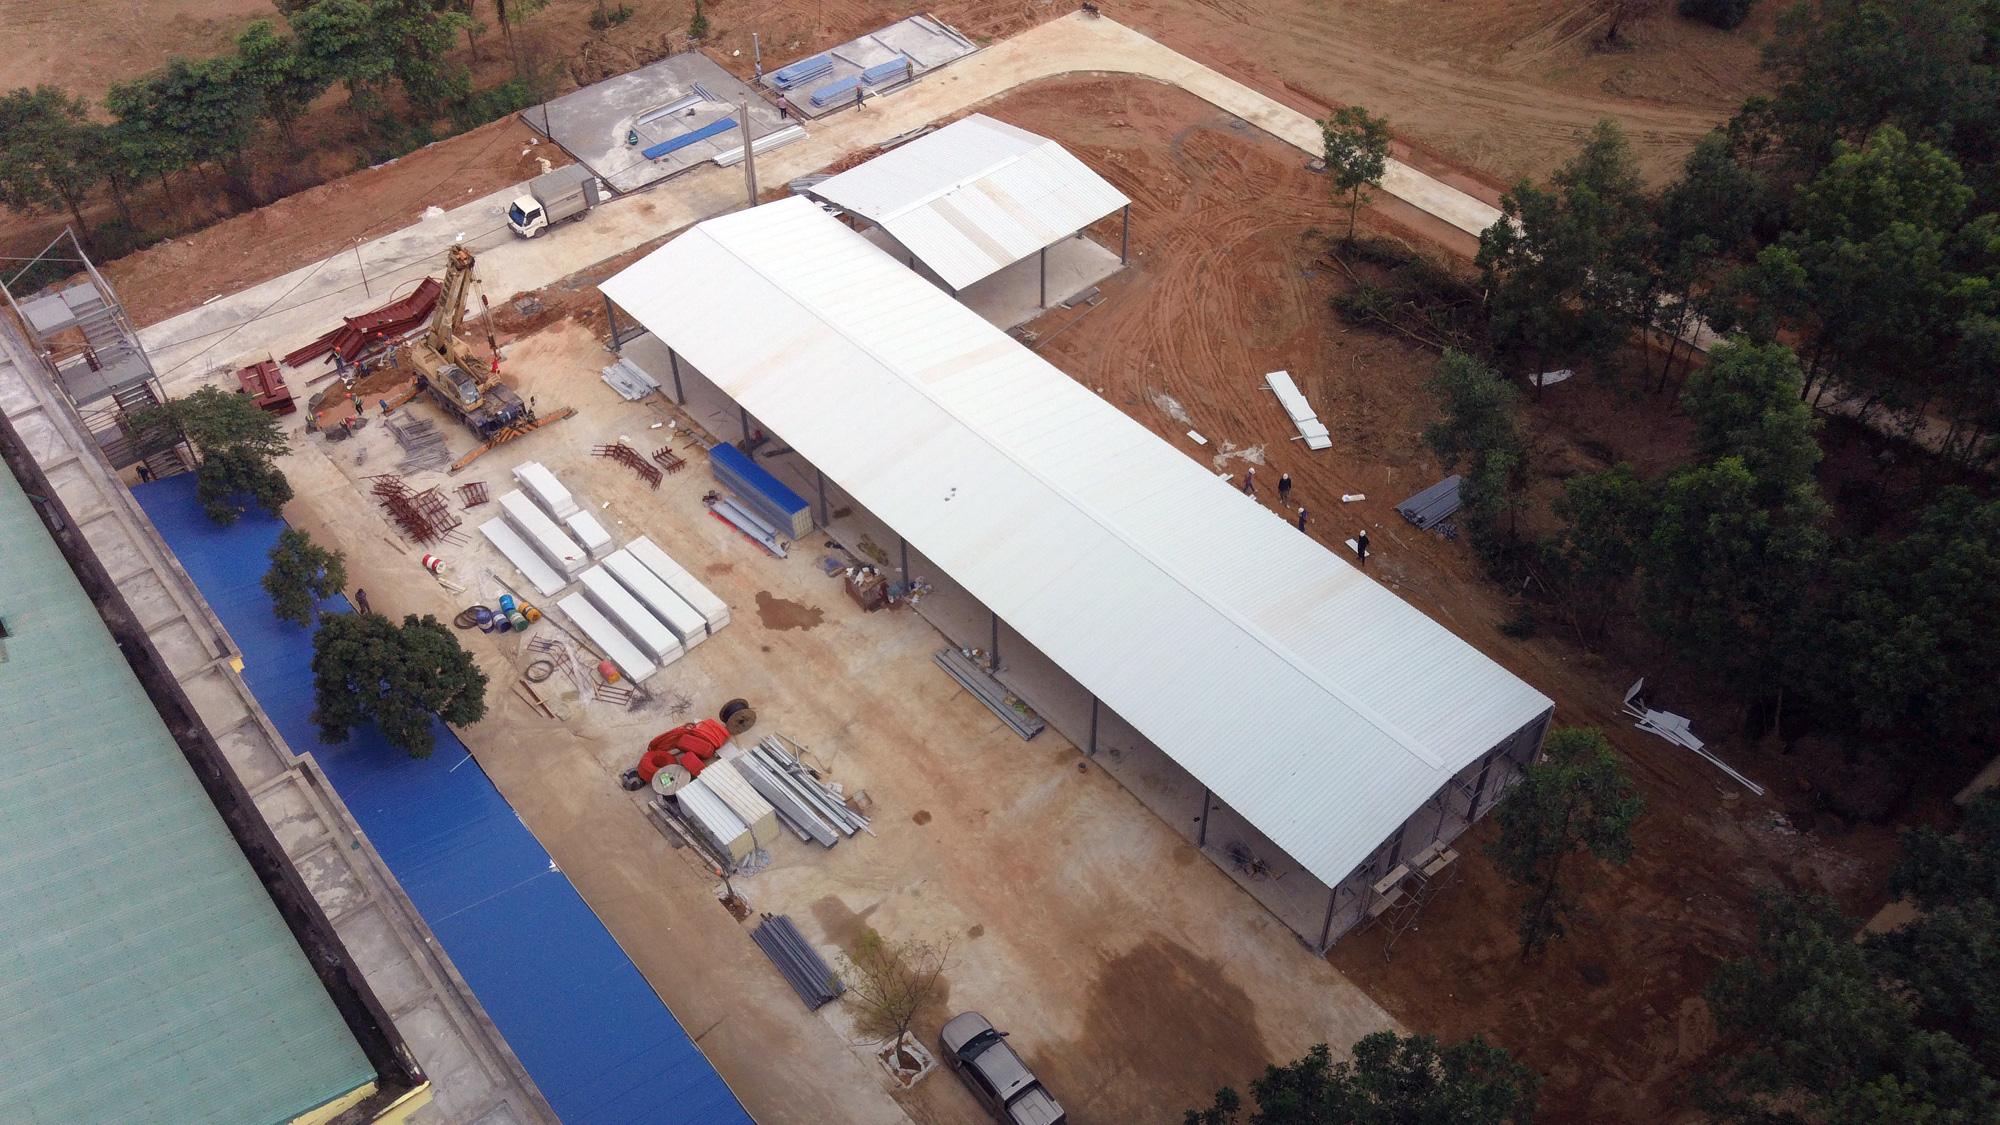 Hà Nội sửa xong bệnh viện bỏ hoang ở Mê Linh làm khu cách li chống dịch Covid-19 - Ảnh 9.